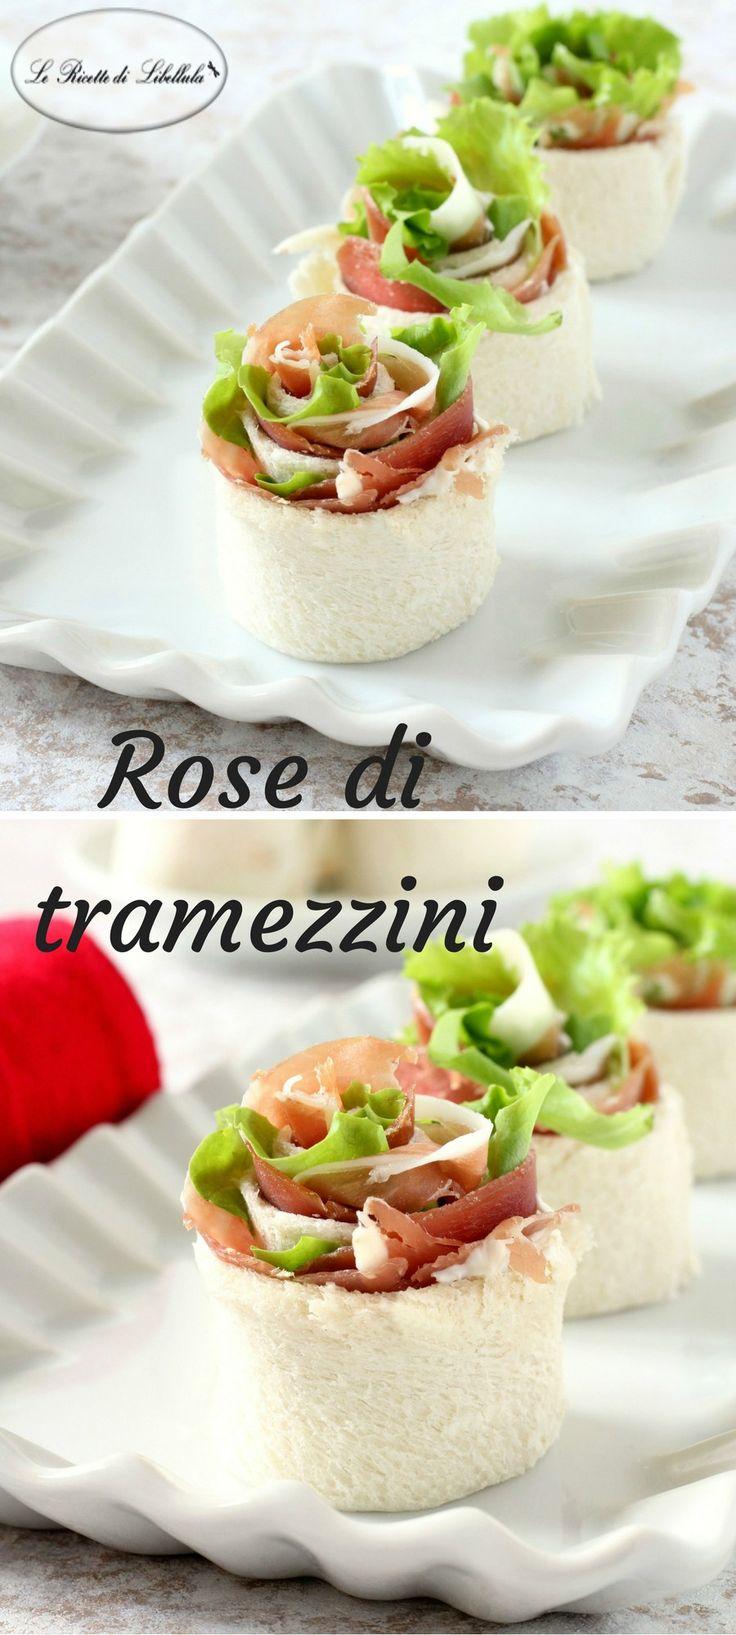 Le rose di tramezzini sono dei bocconcini sfiziosi da servire come antipasto o finger food per un aperitivo. Leggi la ricetta!